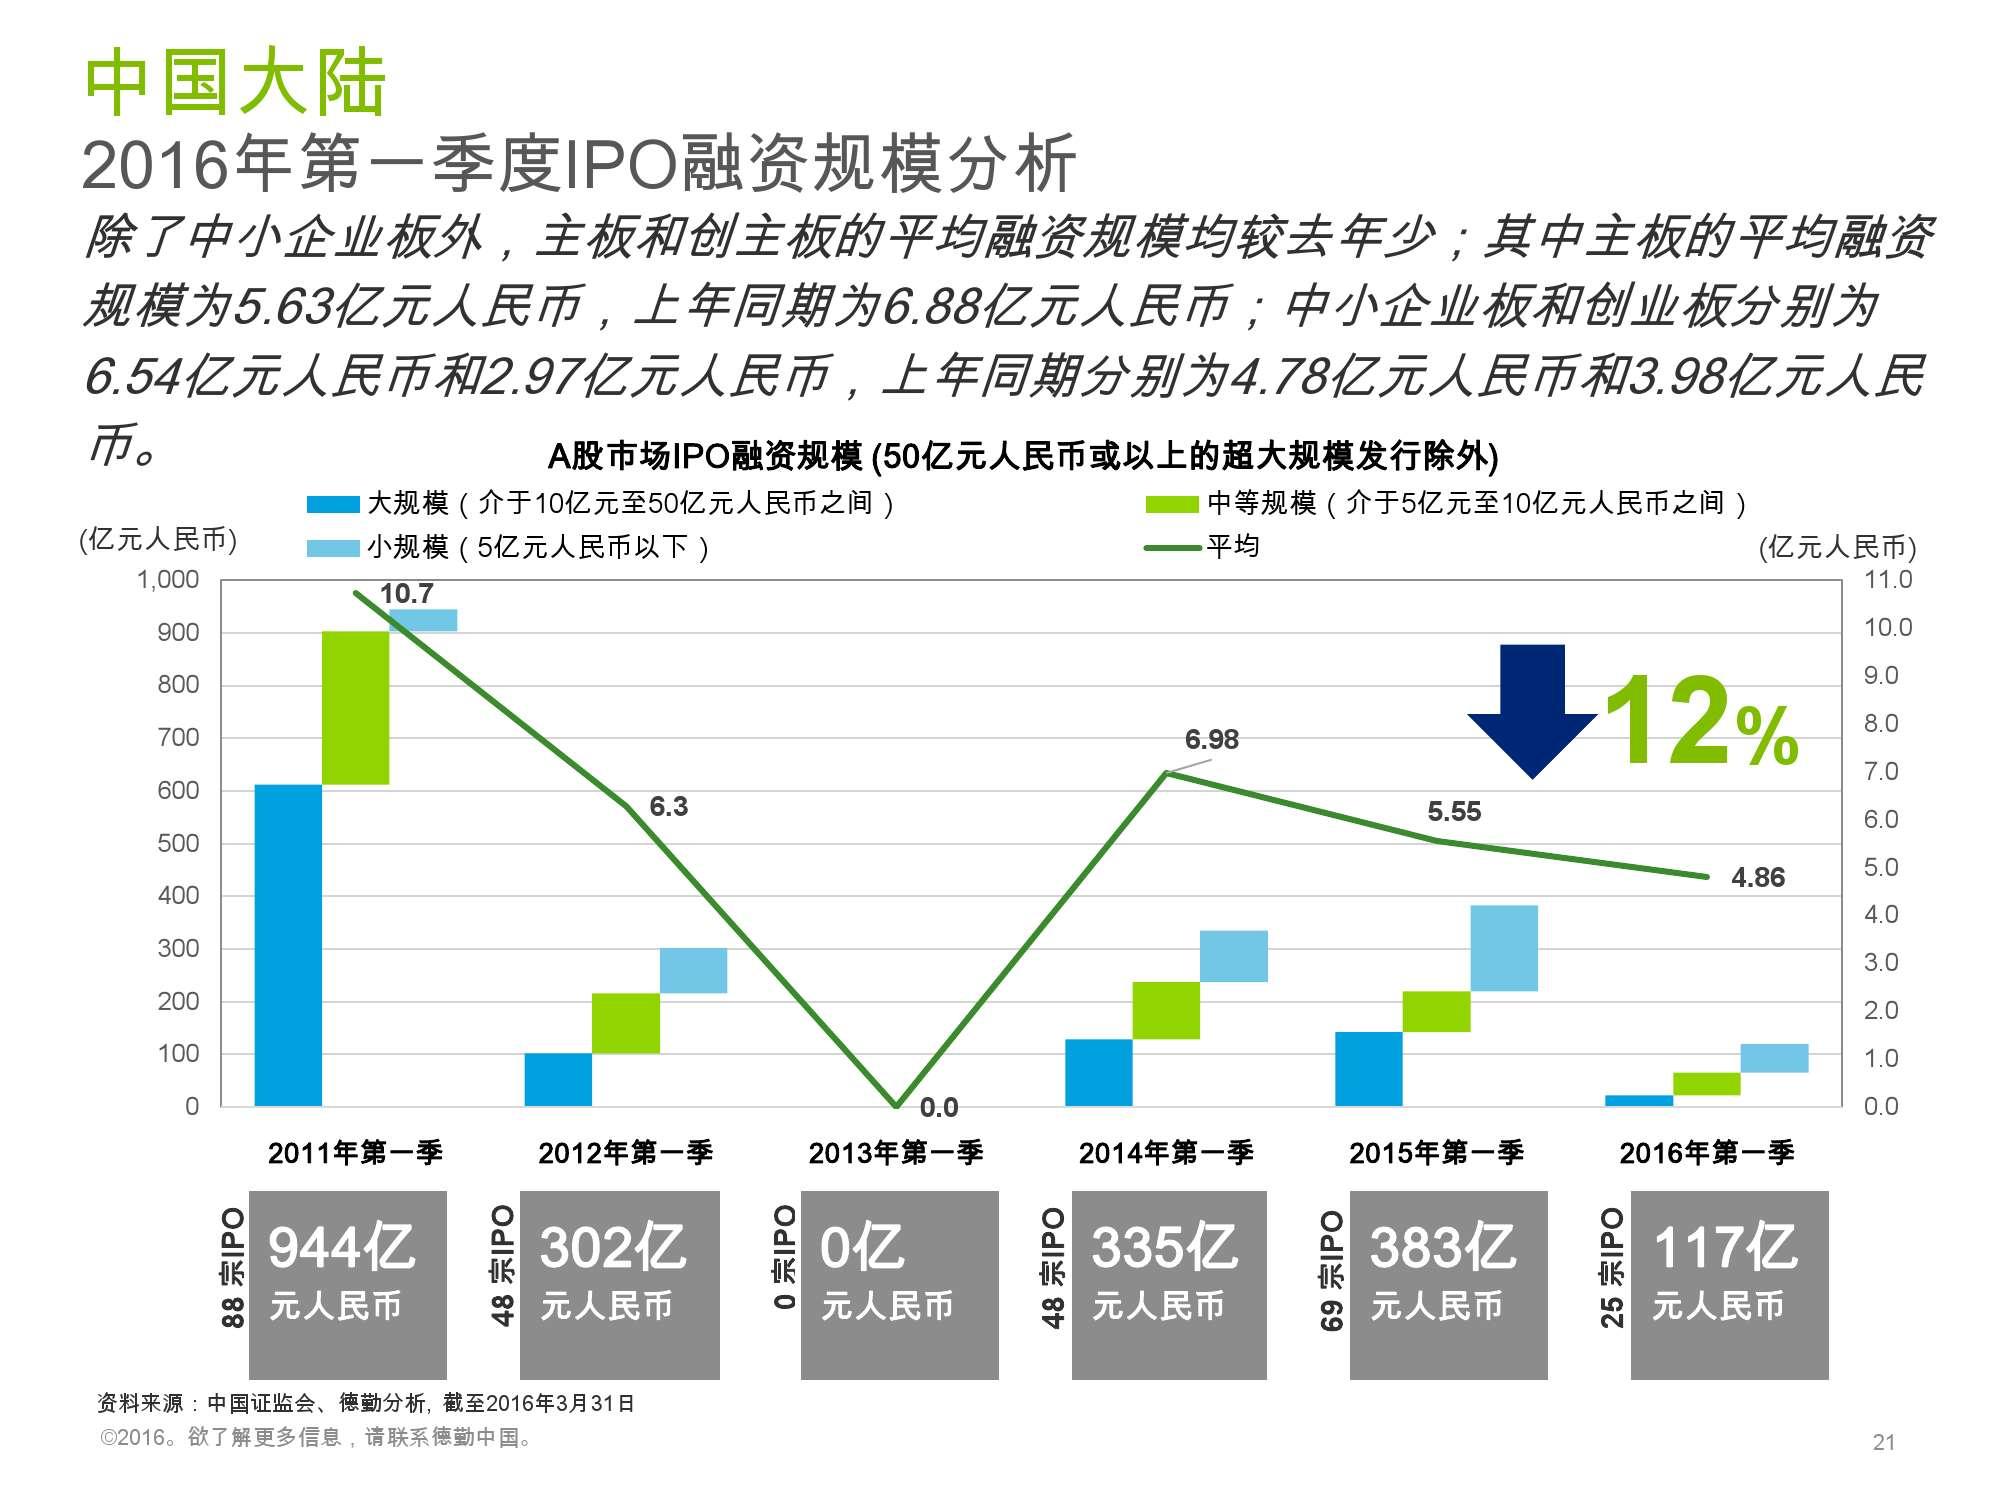 香港及中国大陆IPO市场2016年1季度_000021